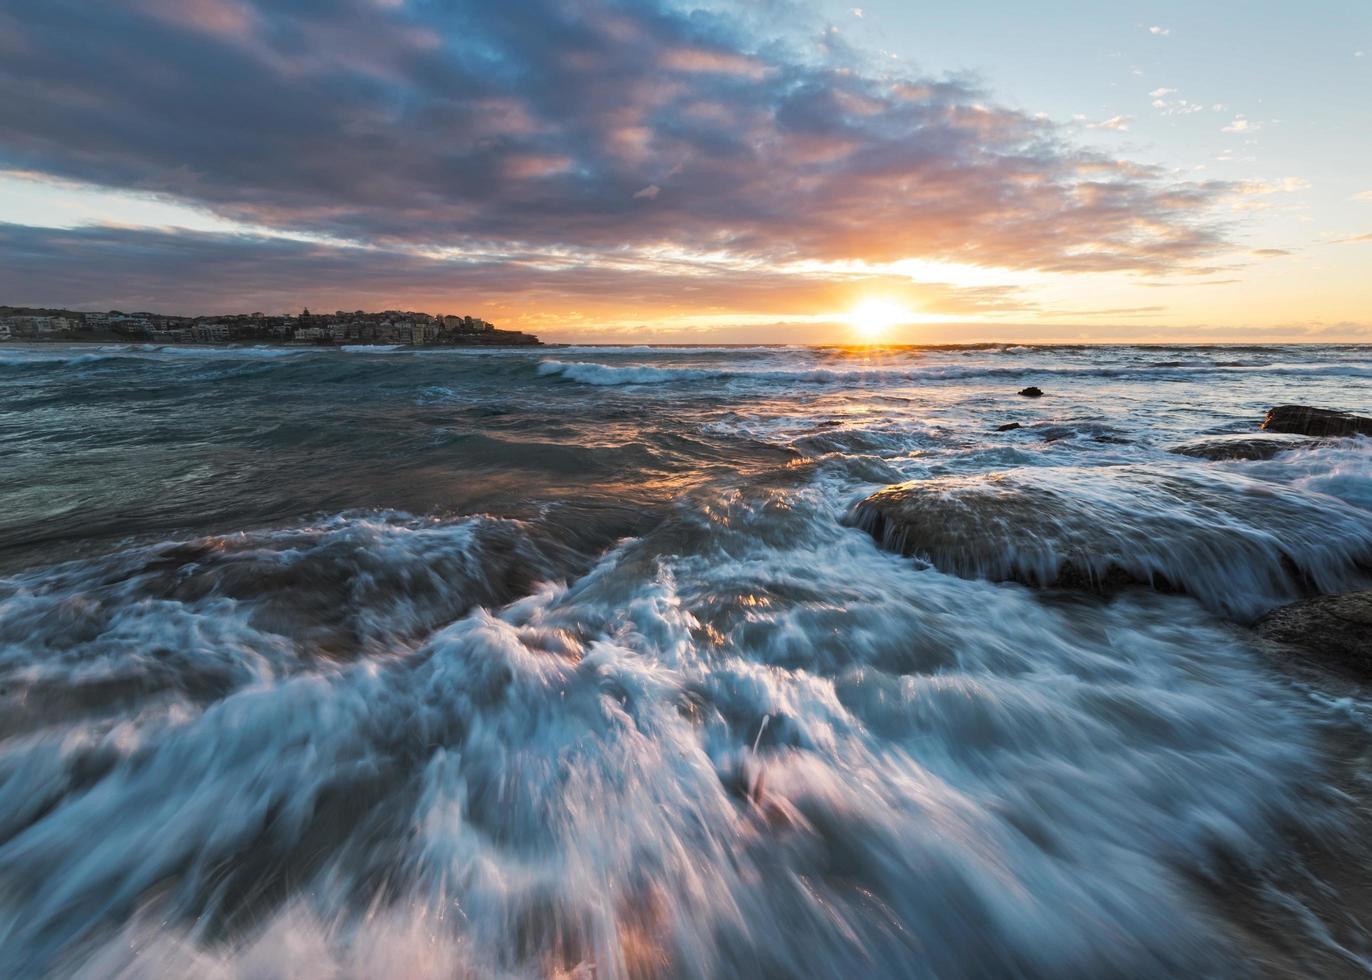 alba sulla spiaggia con acqua che scorre foto